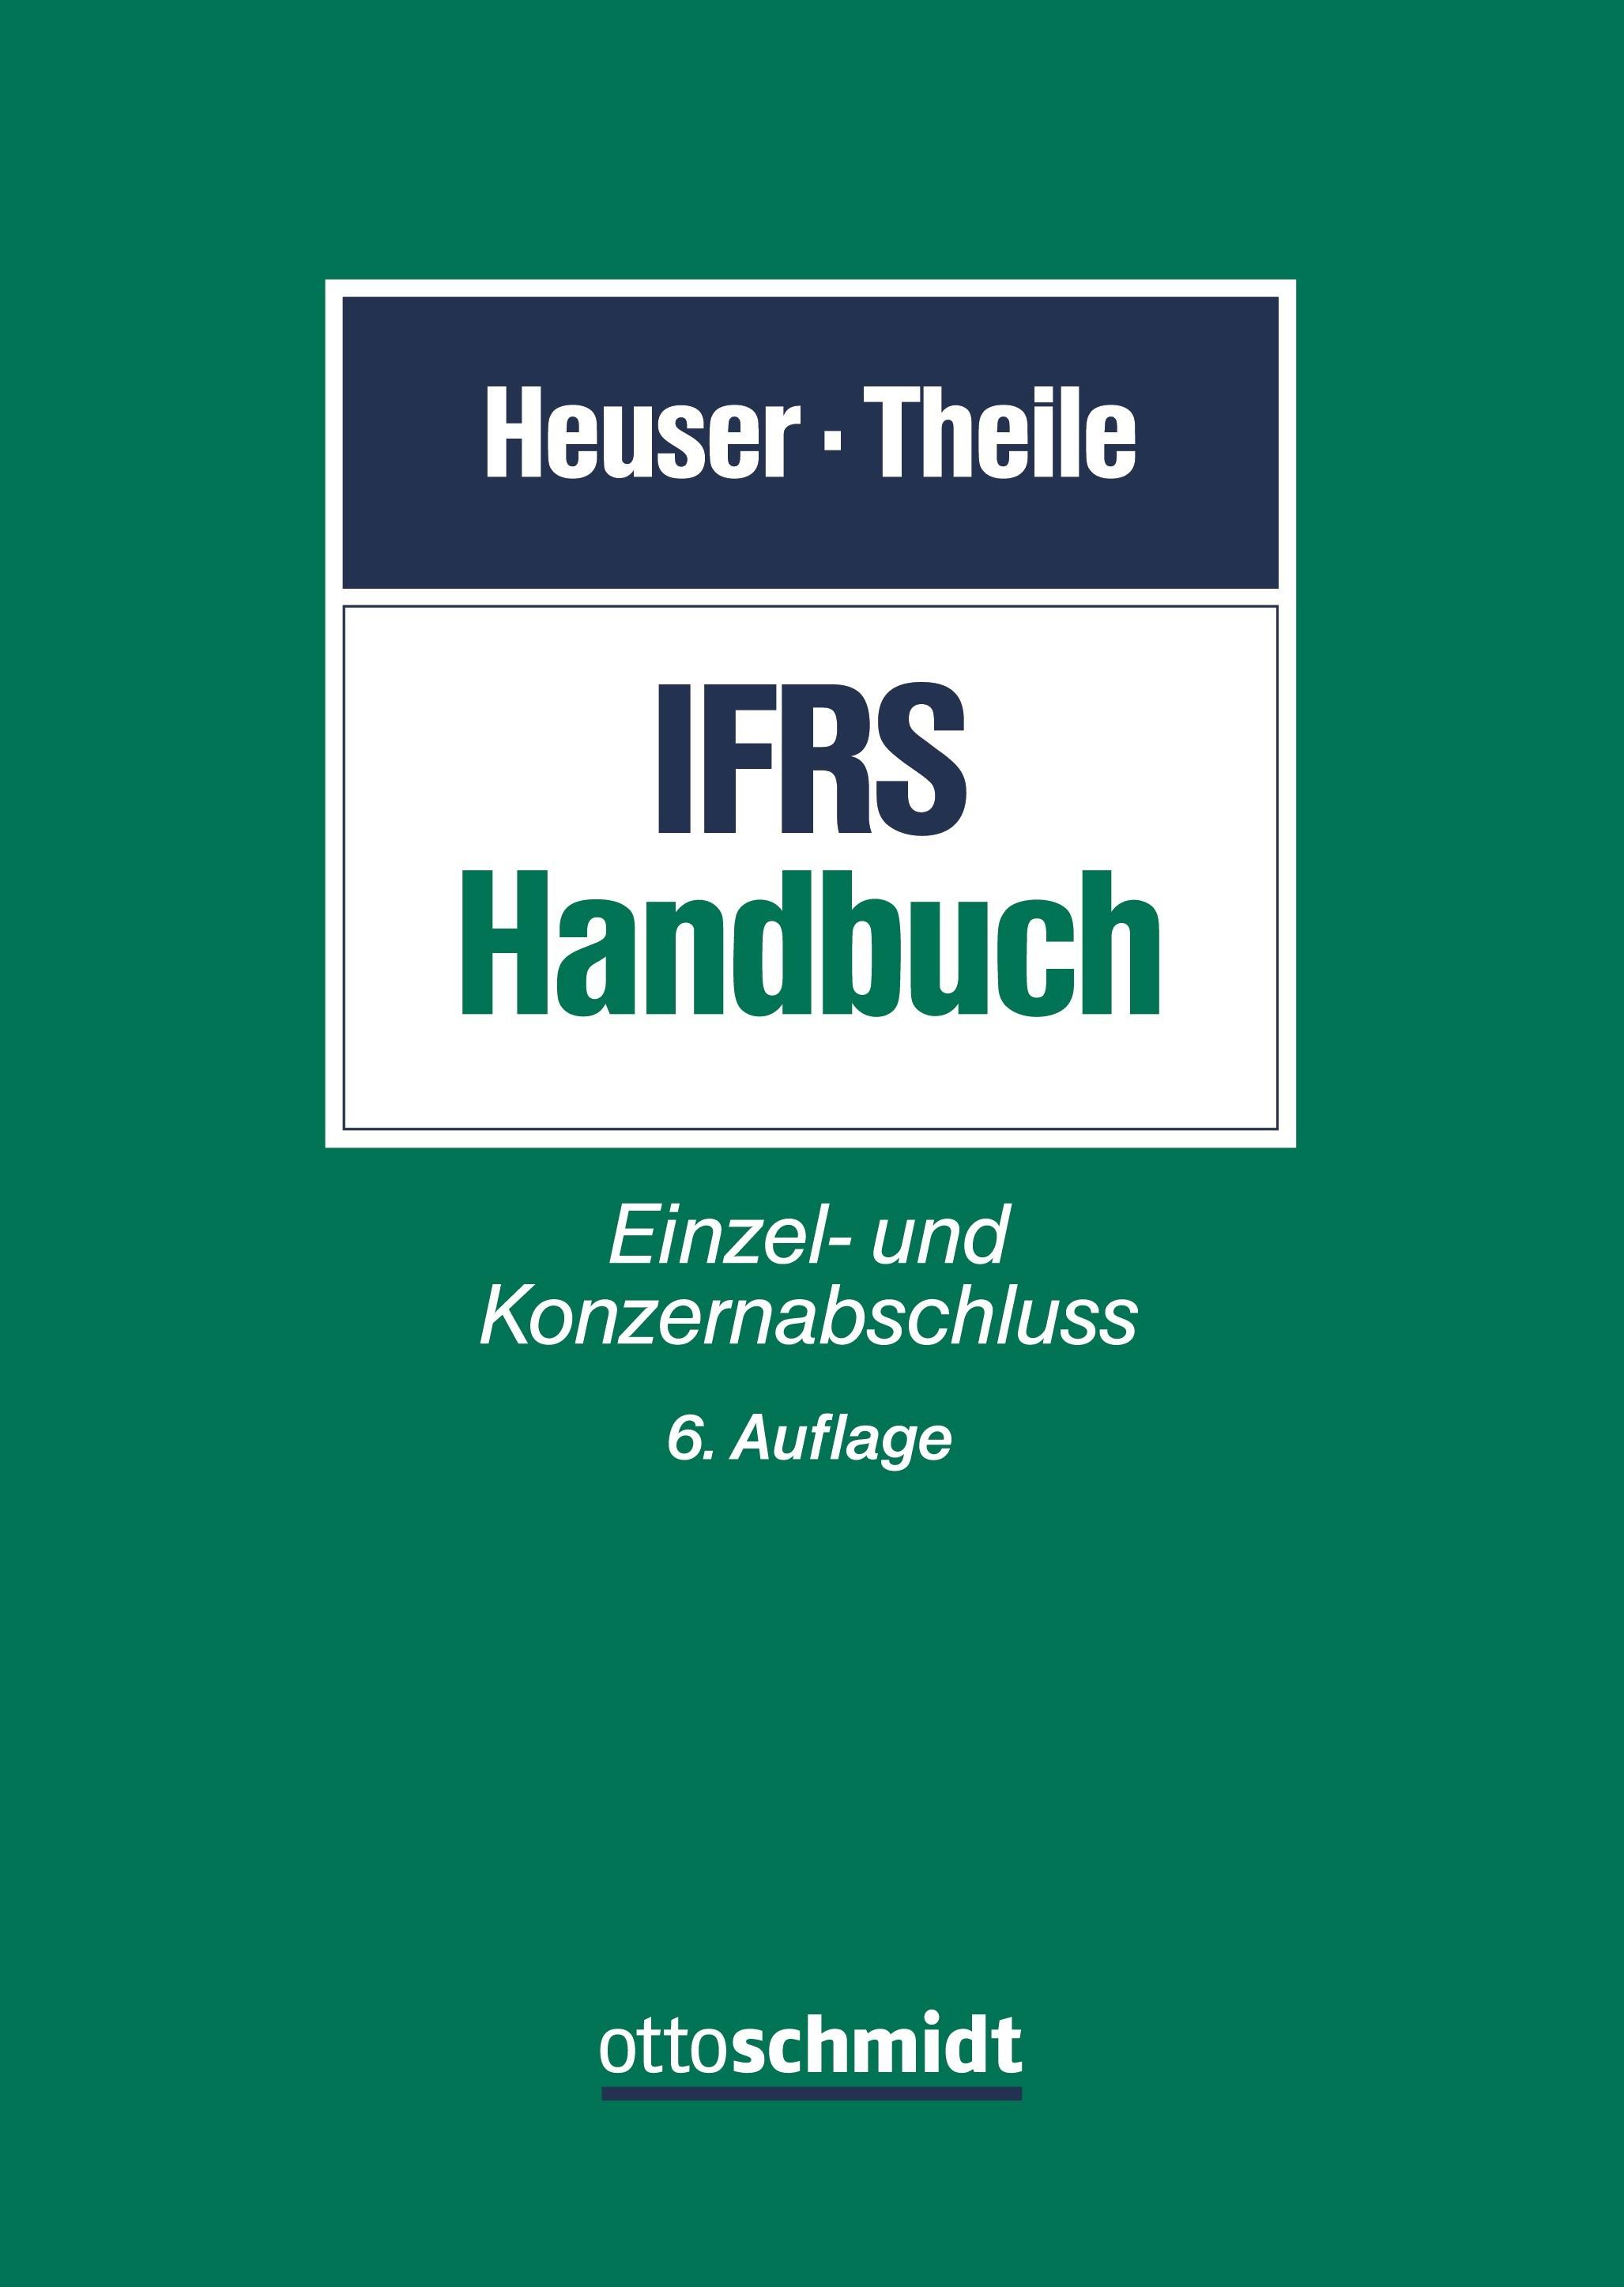 IFRS-Handbuch | Heuser / Theile | 6., neu bearbeitete Auflage, 2019 | Buch (Cover)